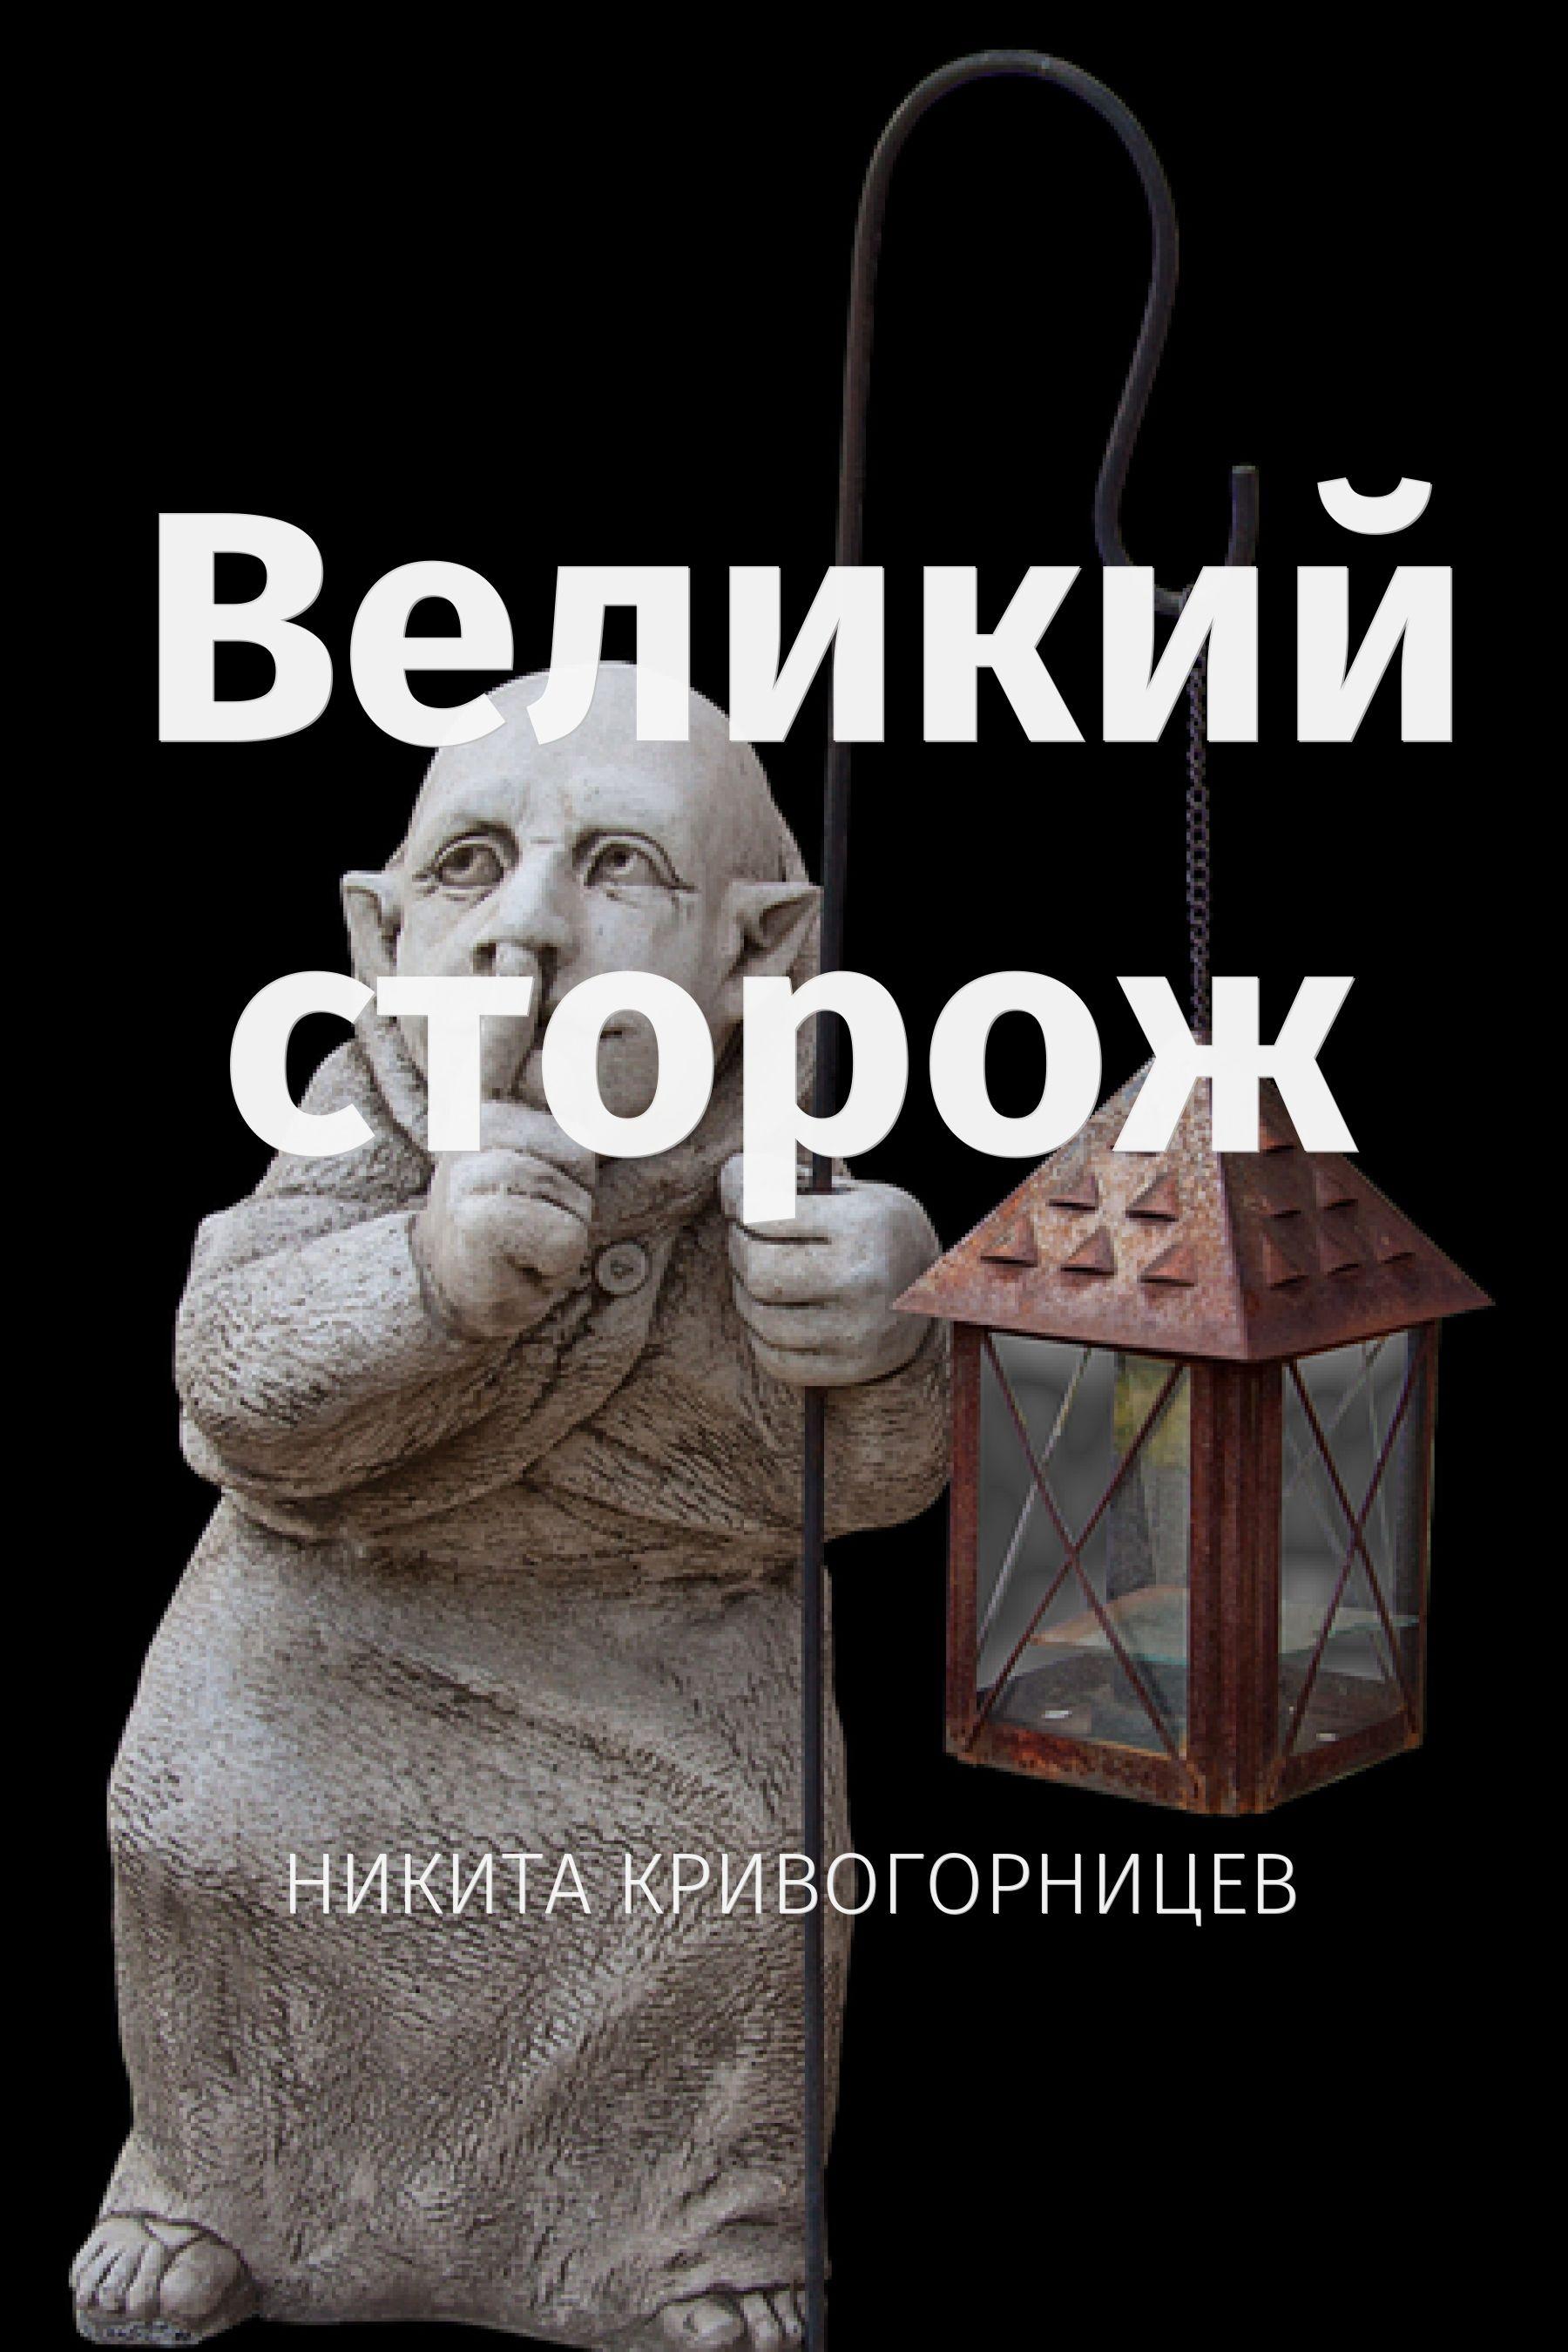 """НИКИТА КРИВОГОРНИЦЕВ опубликовал(а) произведение """"Великий ..."""